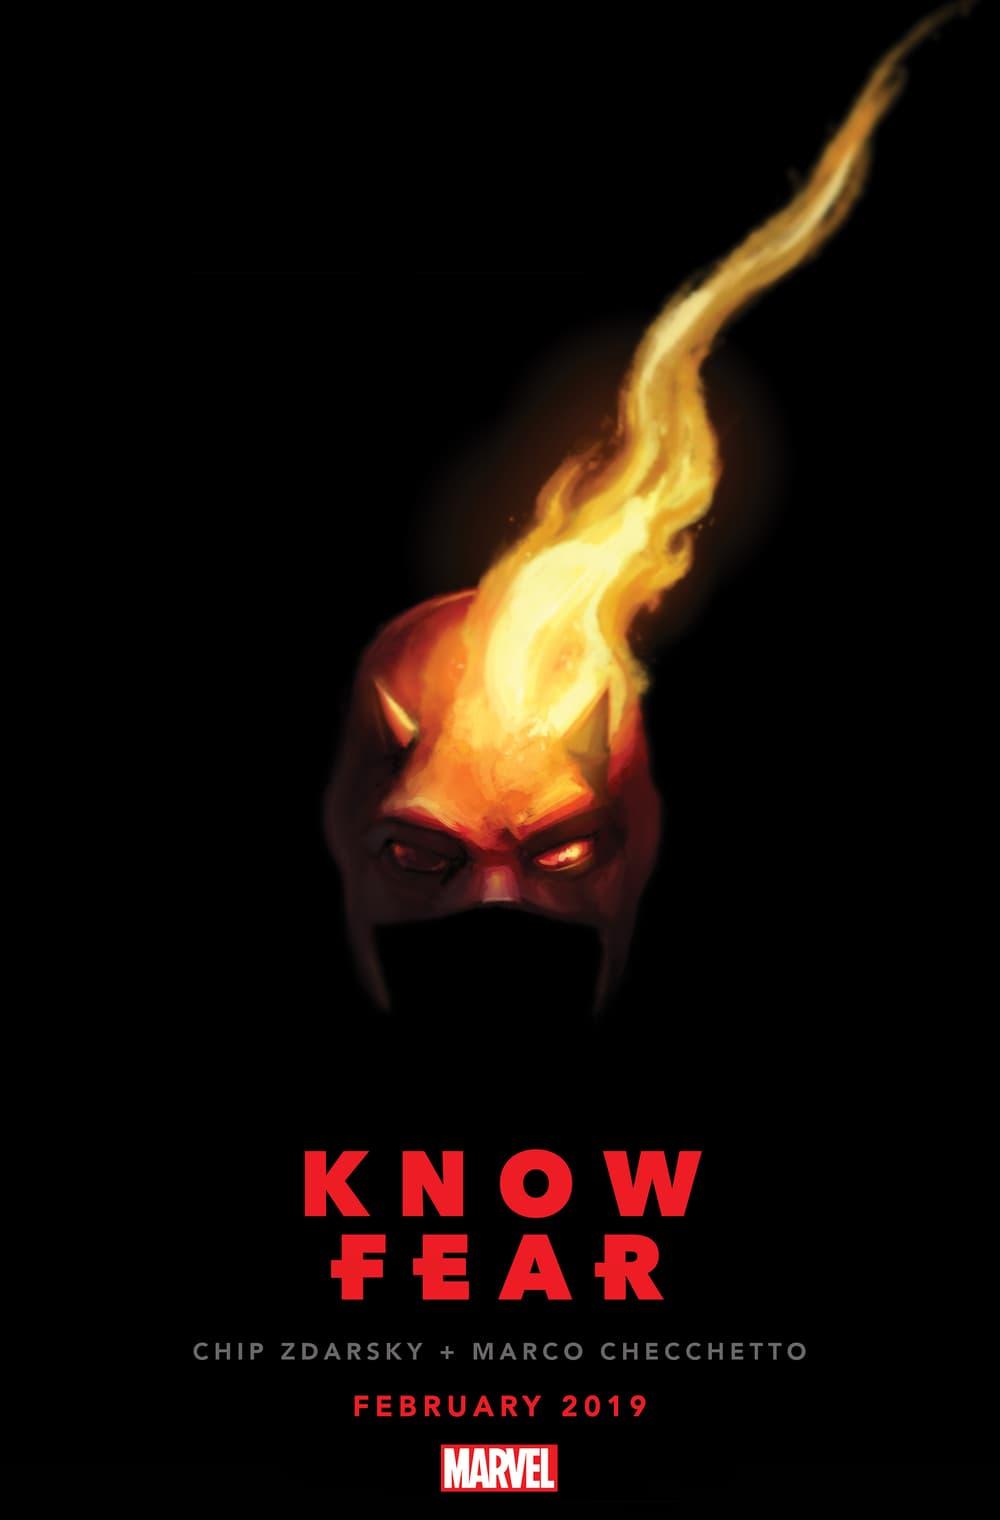 Daredevil 2019 teaser image